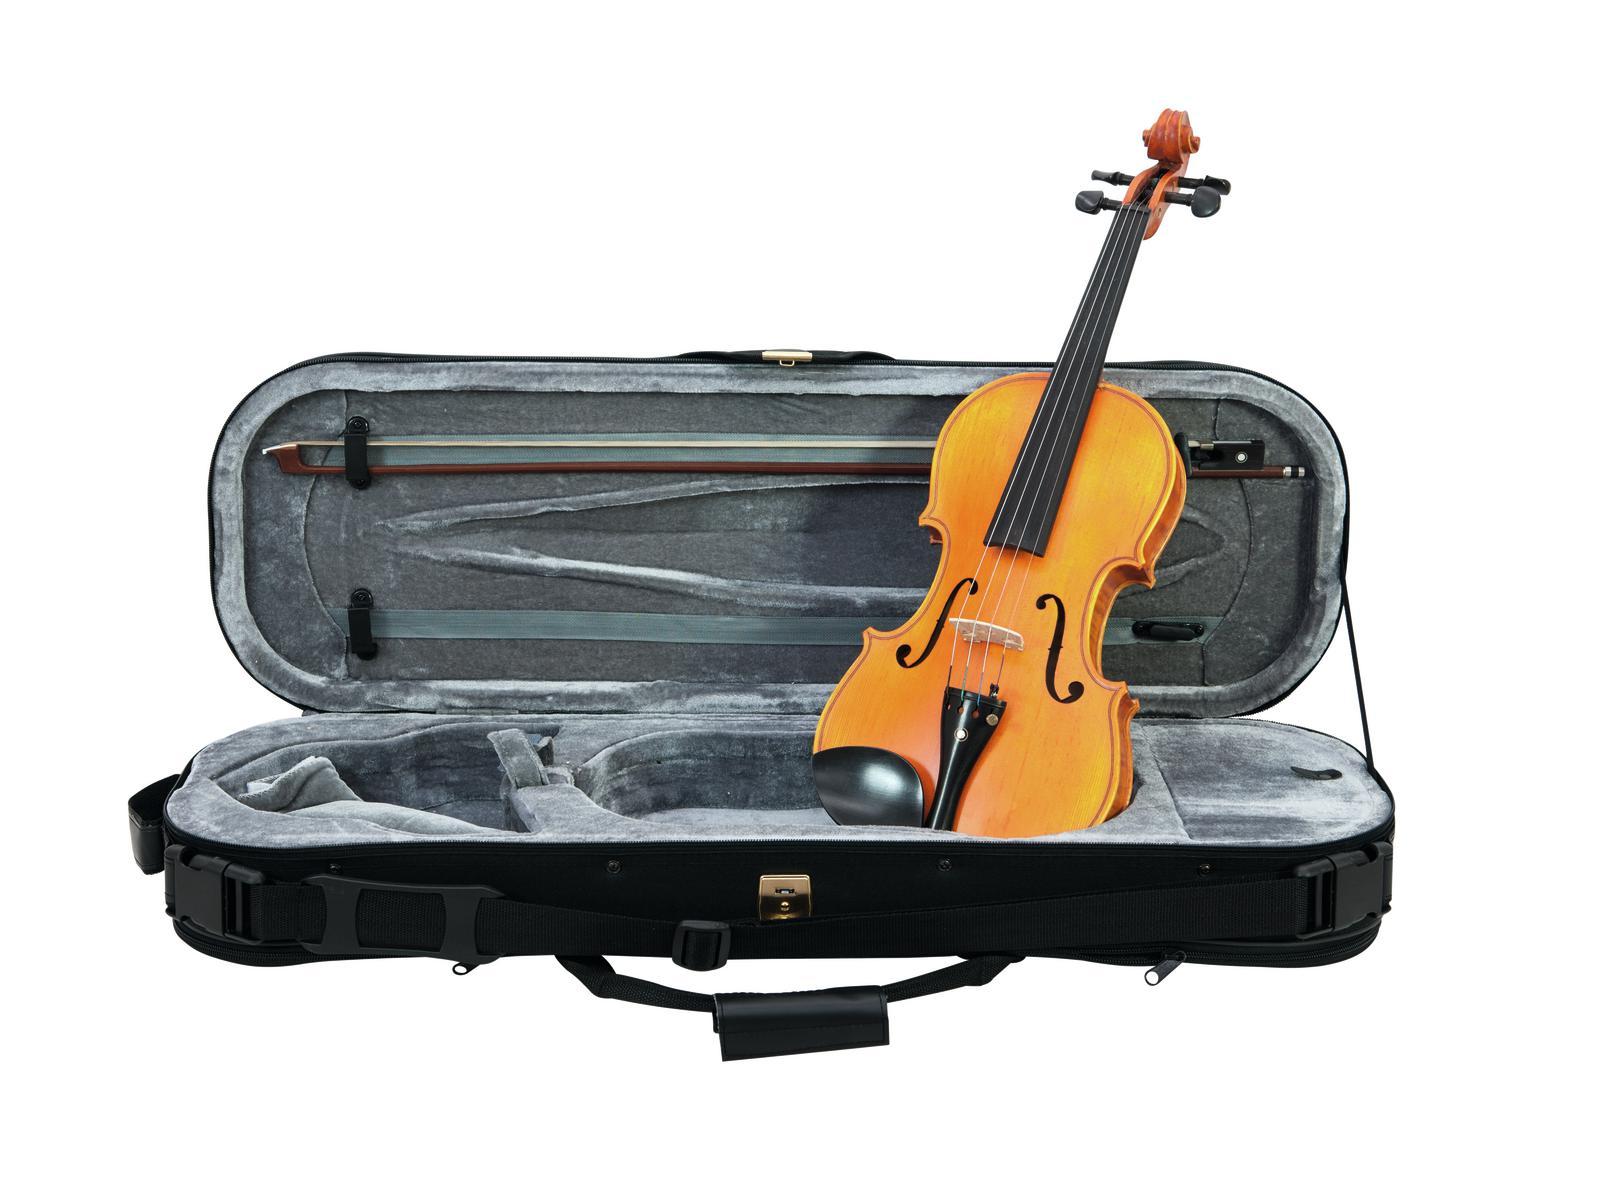 Violino 4/4 Medio-Grade semi-professionale, eta oltre 10 anni, DIMAVERY